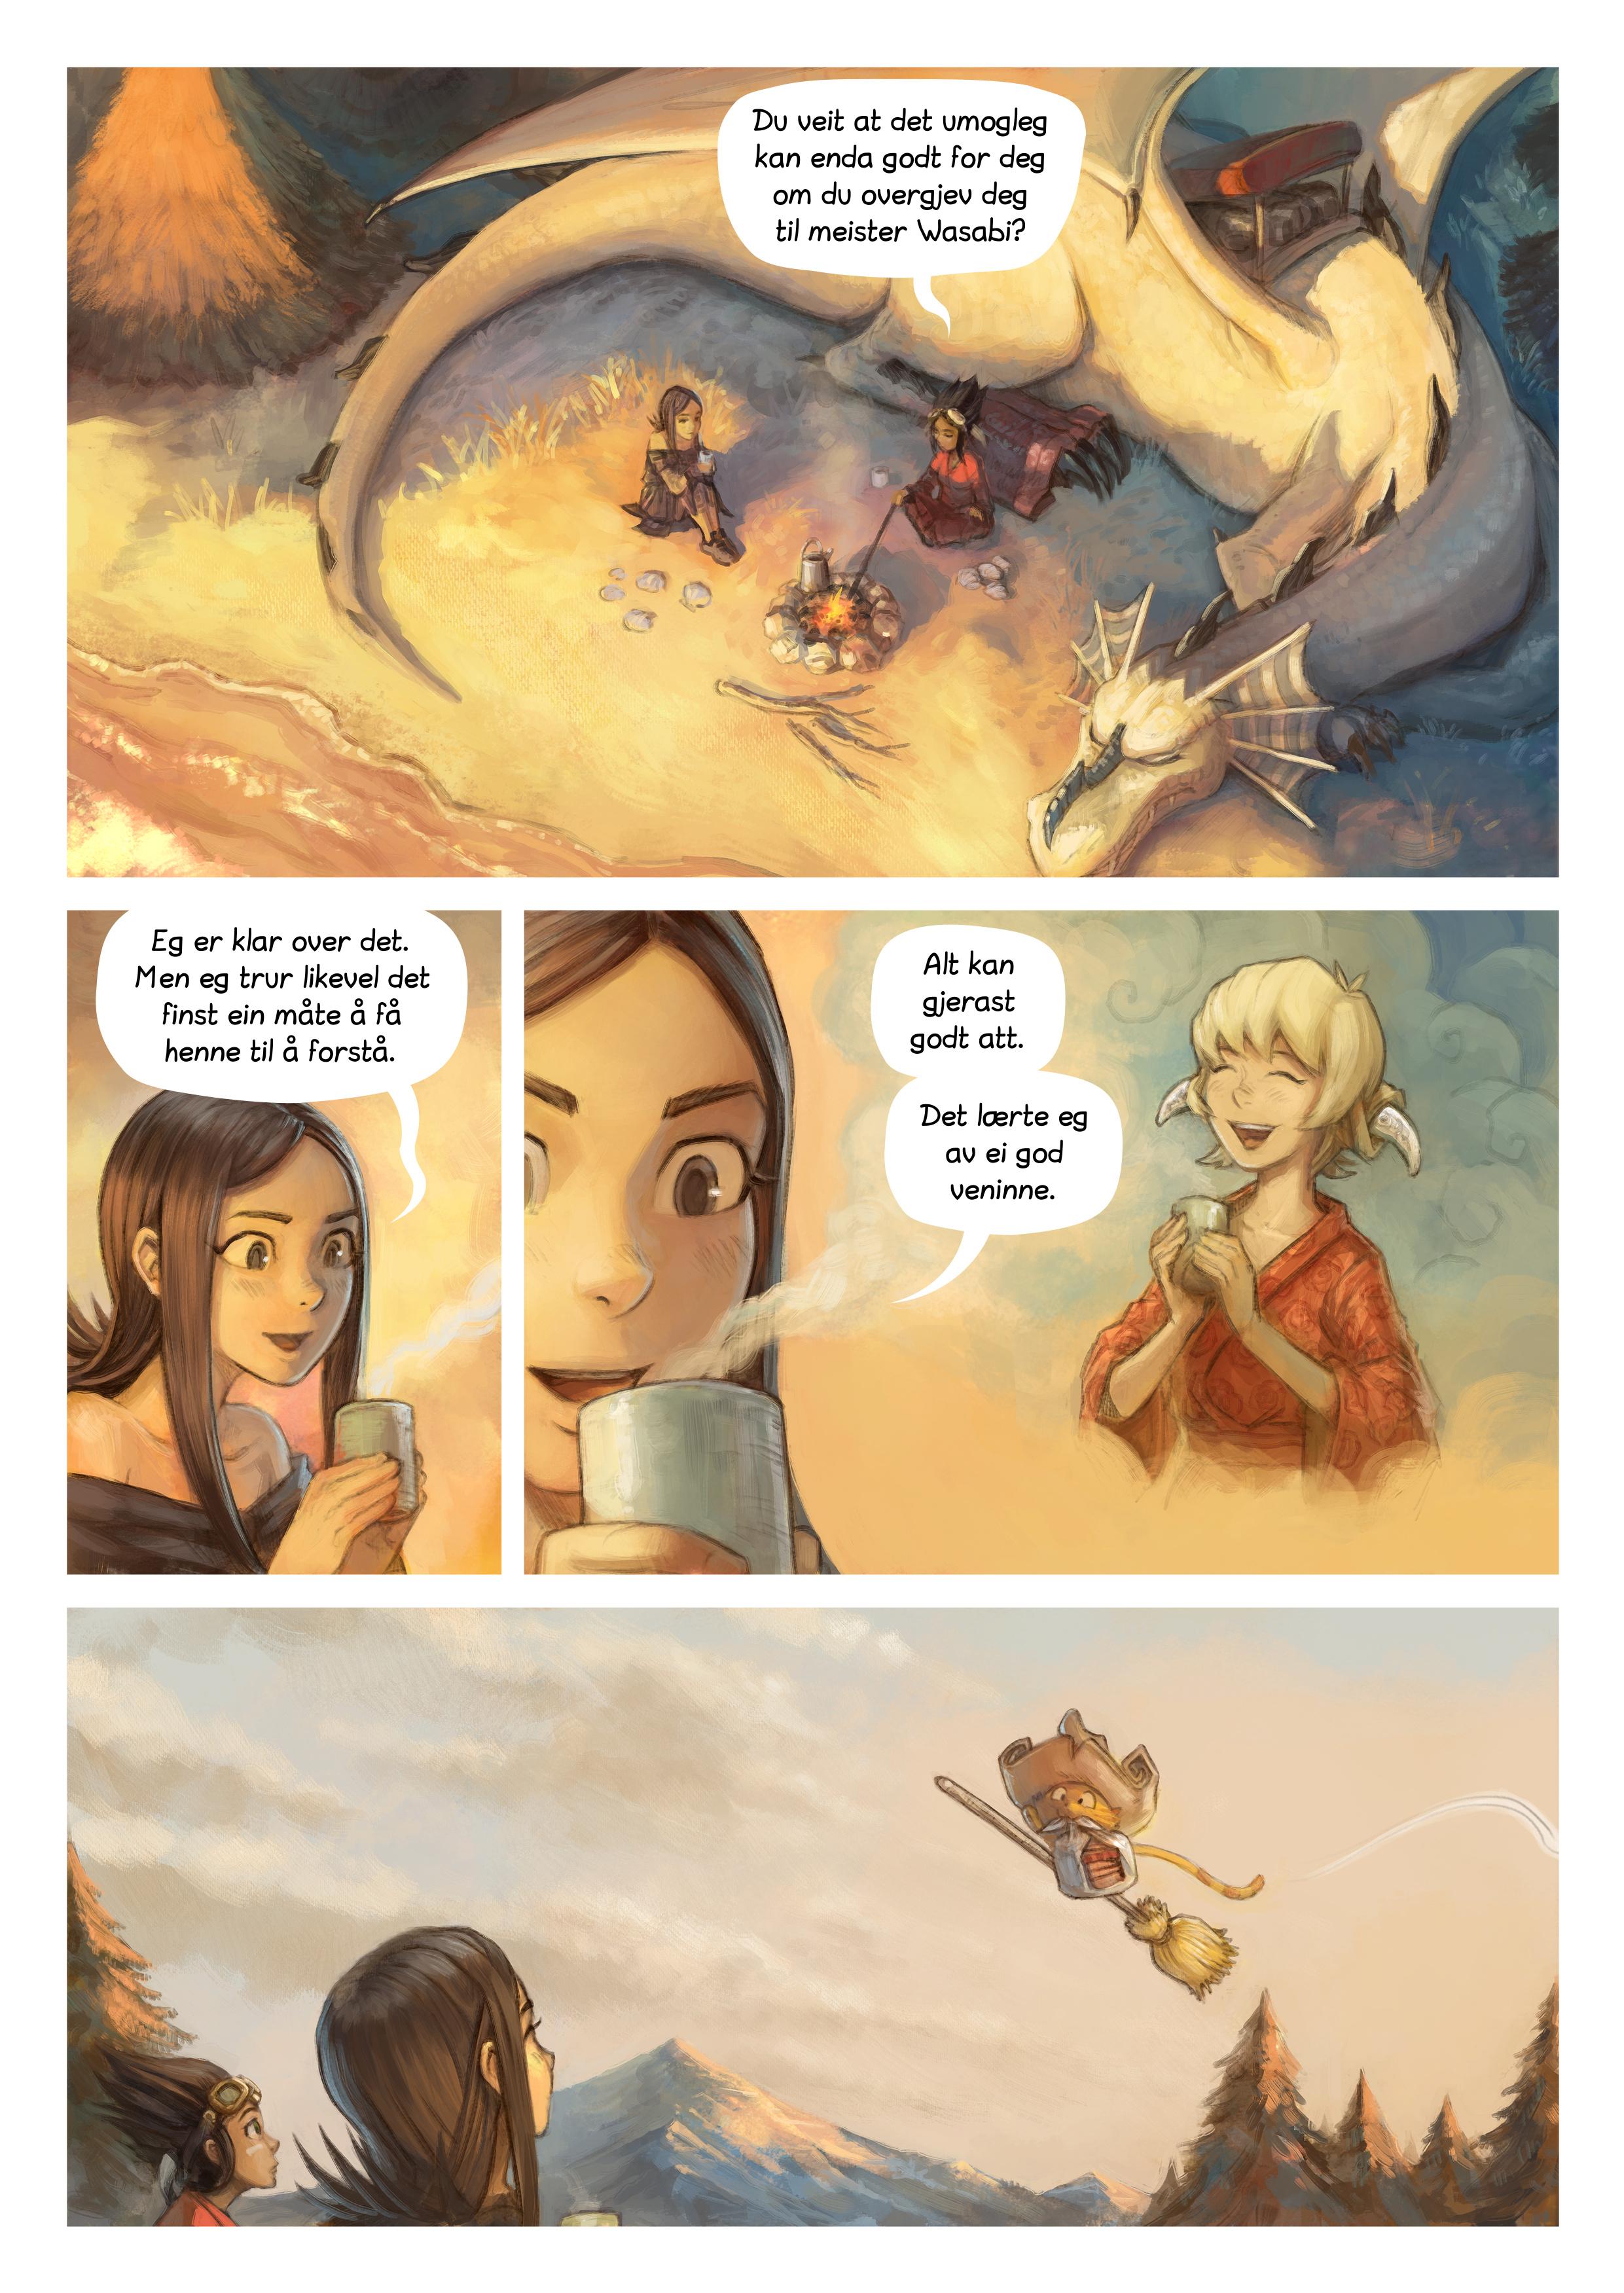 Episode 35: Refleksjonen, Side 10